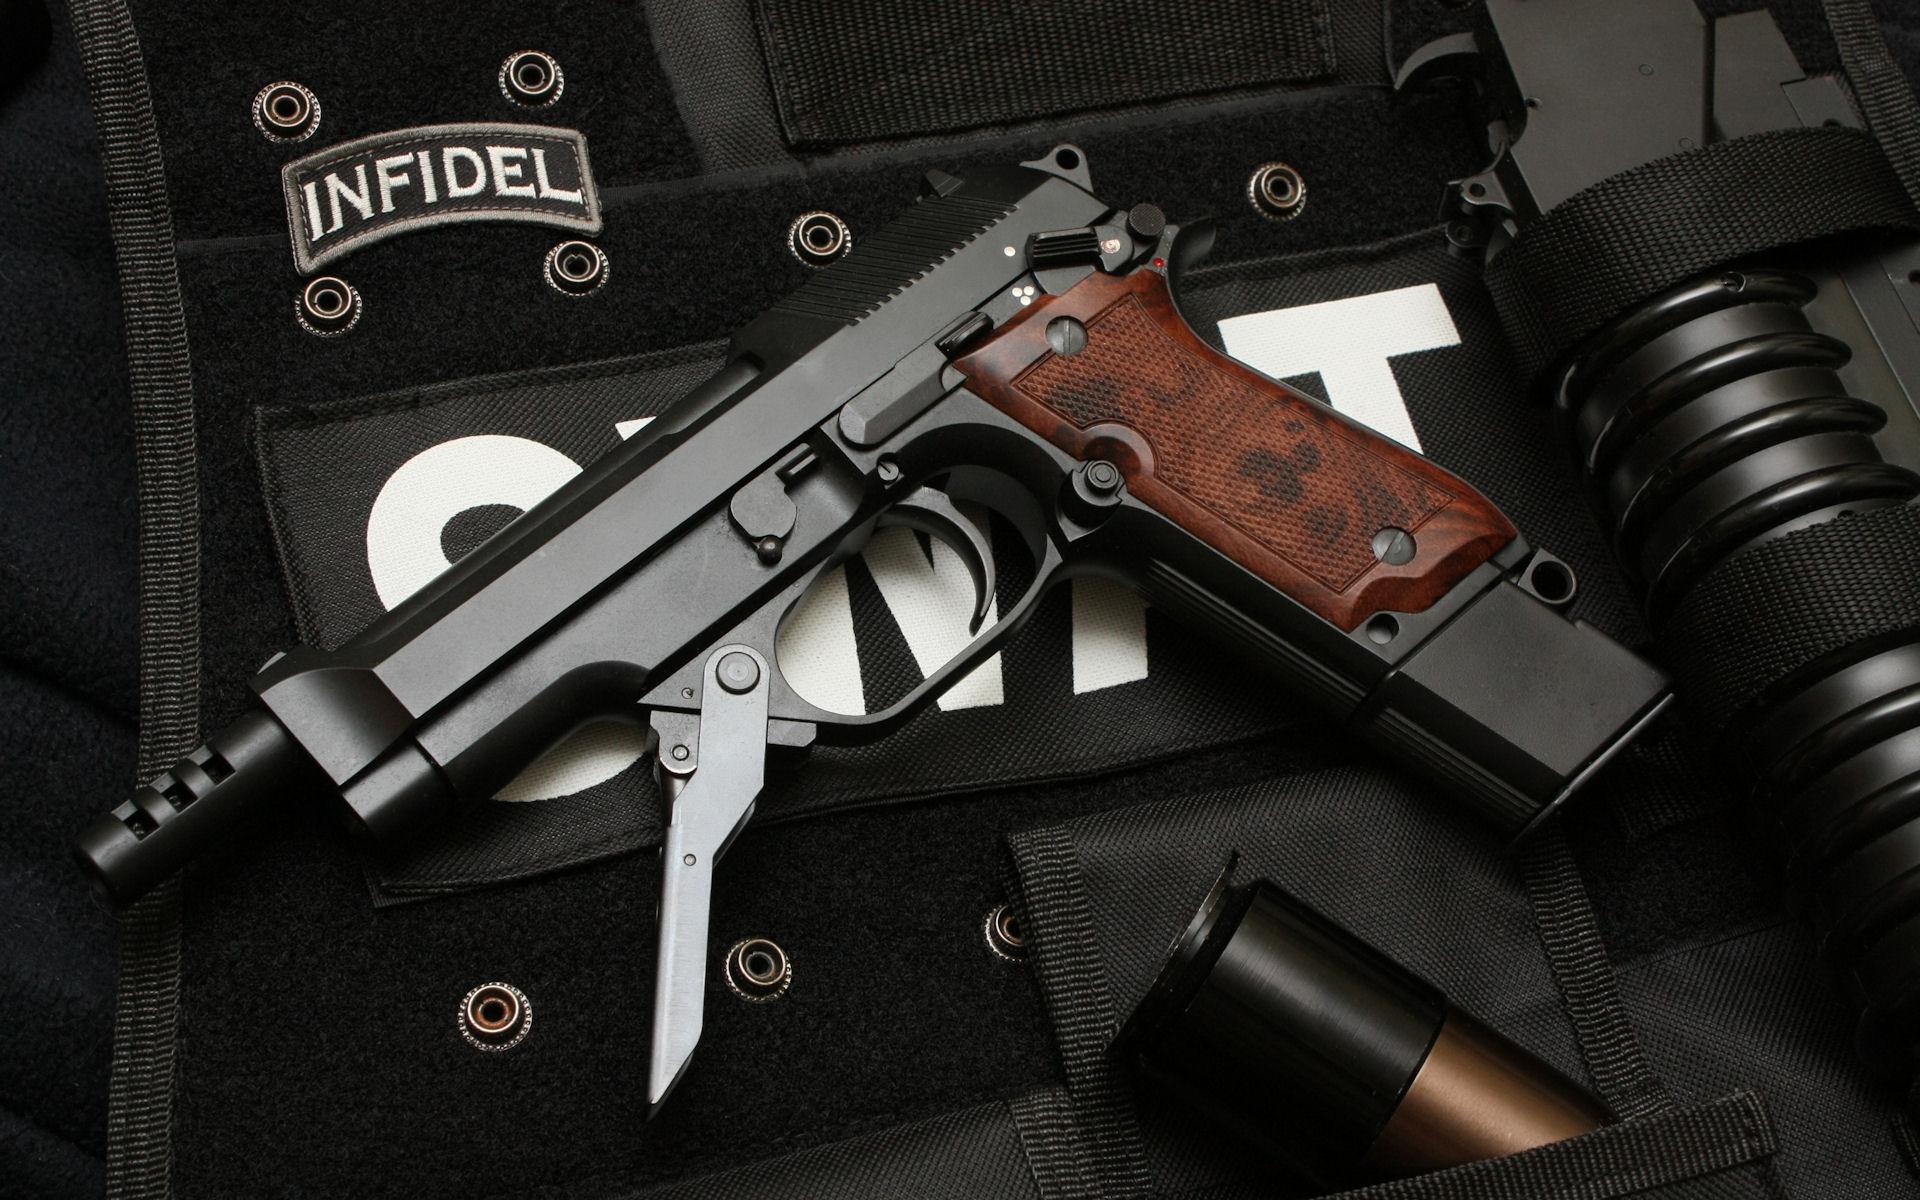 Guns Swat Weapons Handguns Beretta 93r Wallpaper